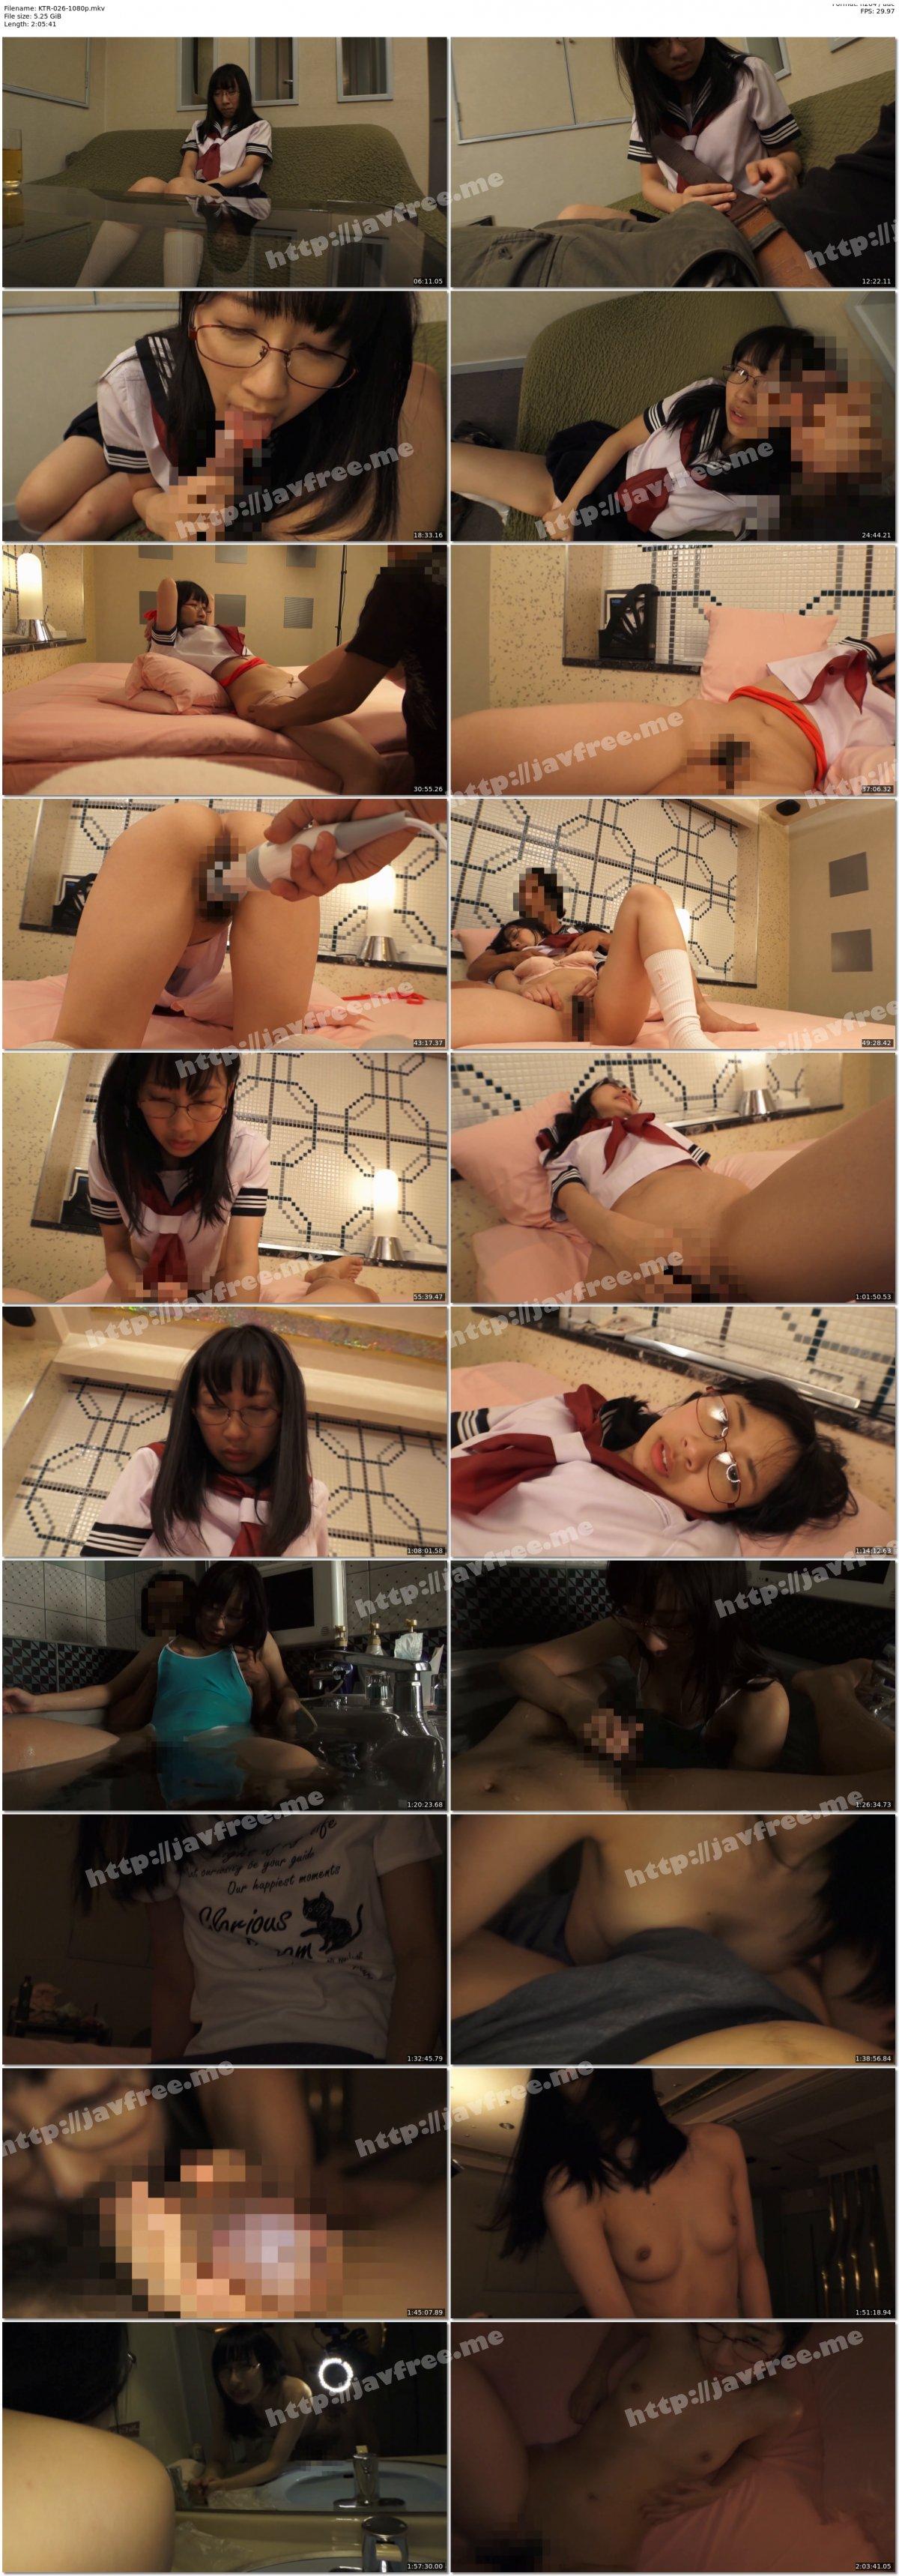 [HD][KTR-026] メガネっ娘と濃密中出しセックス - image KTR-026-1080p on https://javfree.me